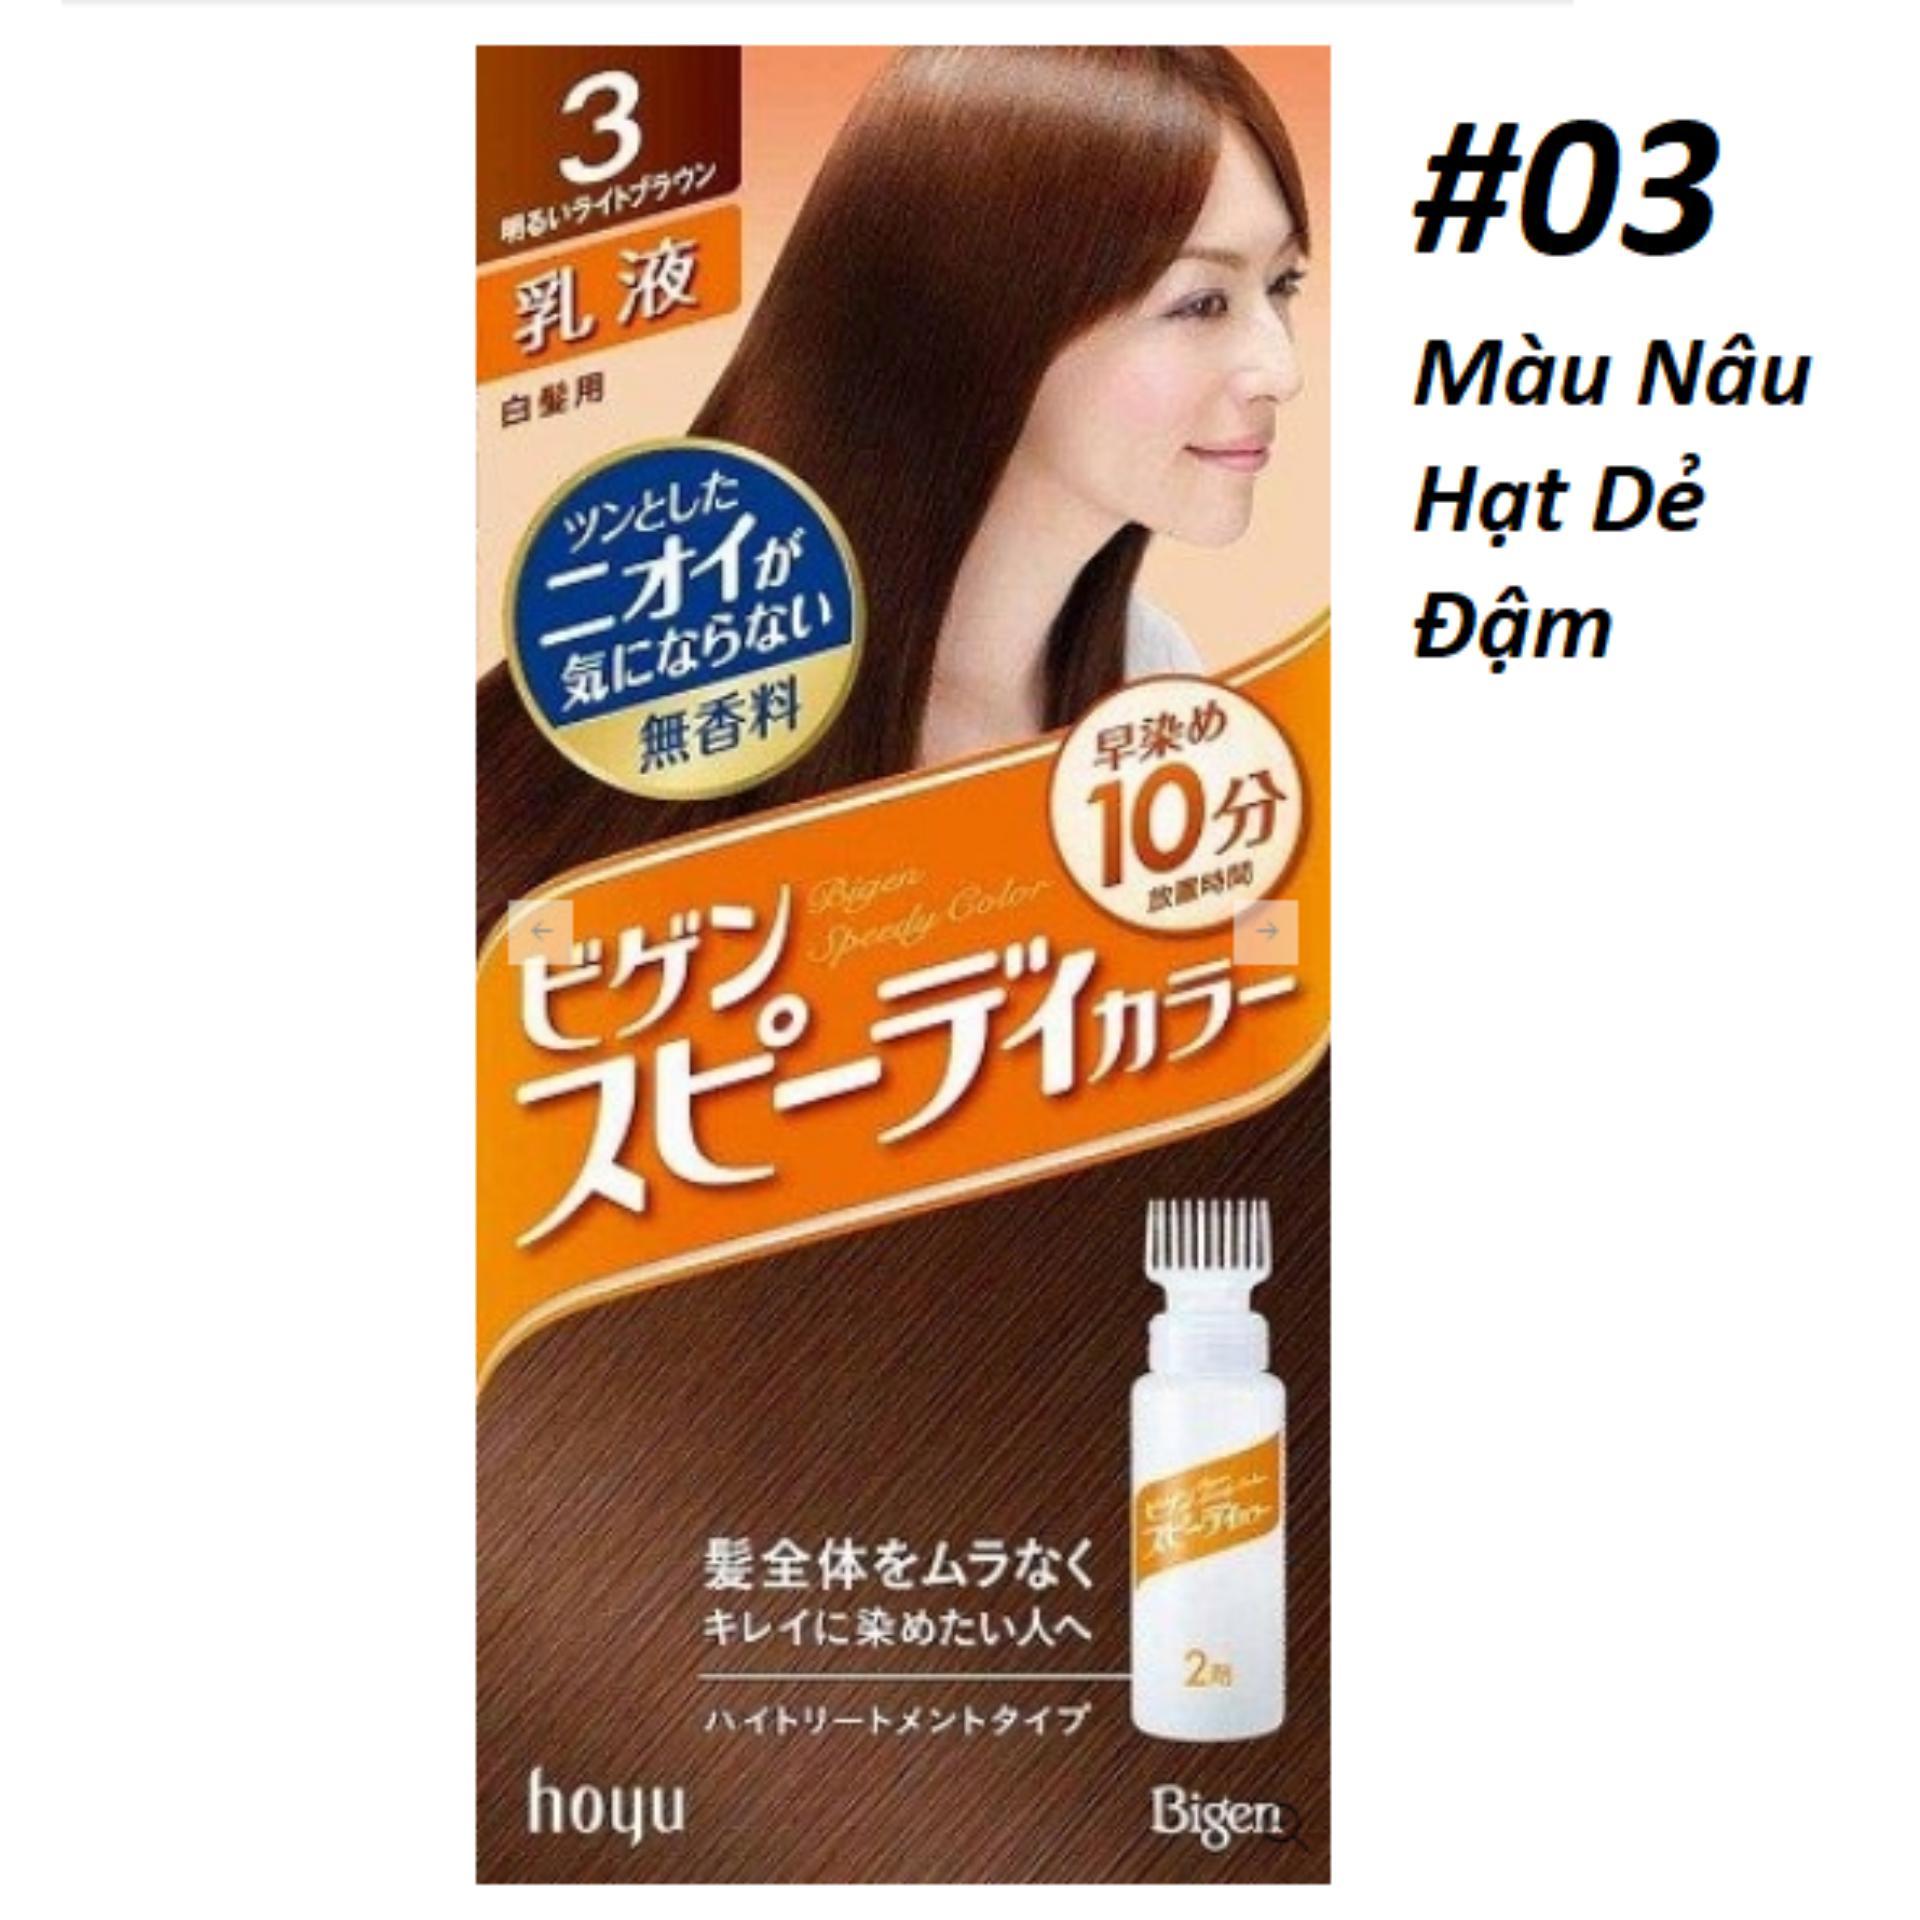 Thuốc nhuộm tóc Nhật Bản Bigen Hoyu Số 3 ( Nâu sáng chói ) chính hãng